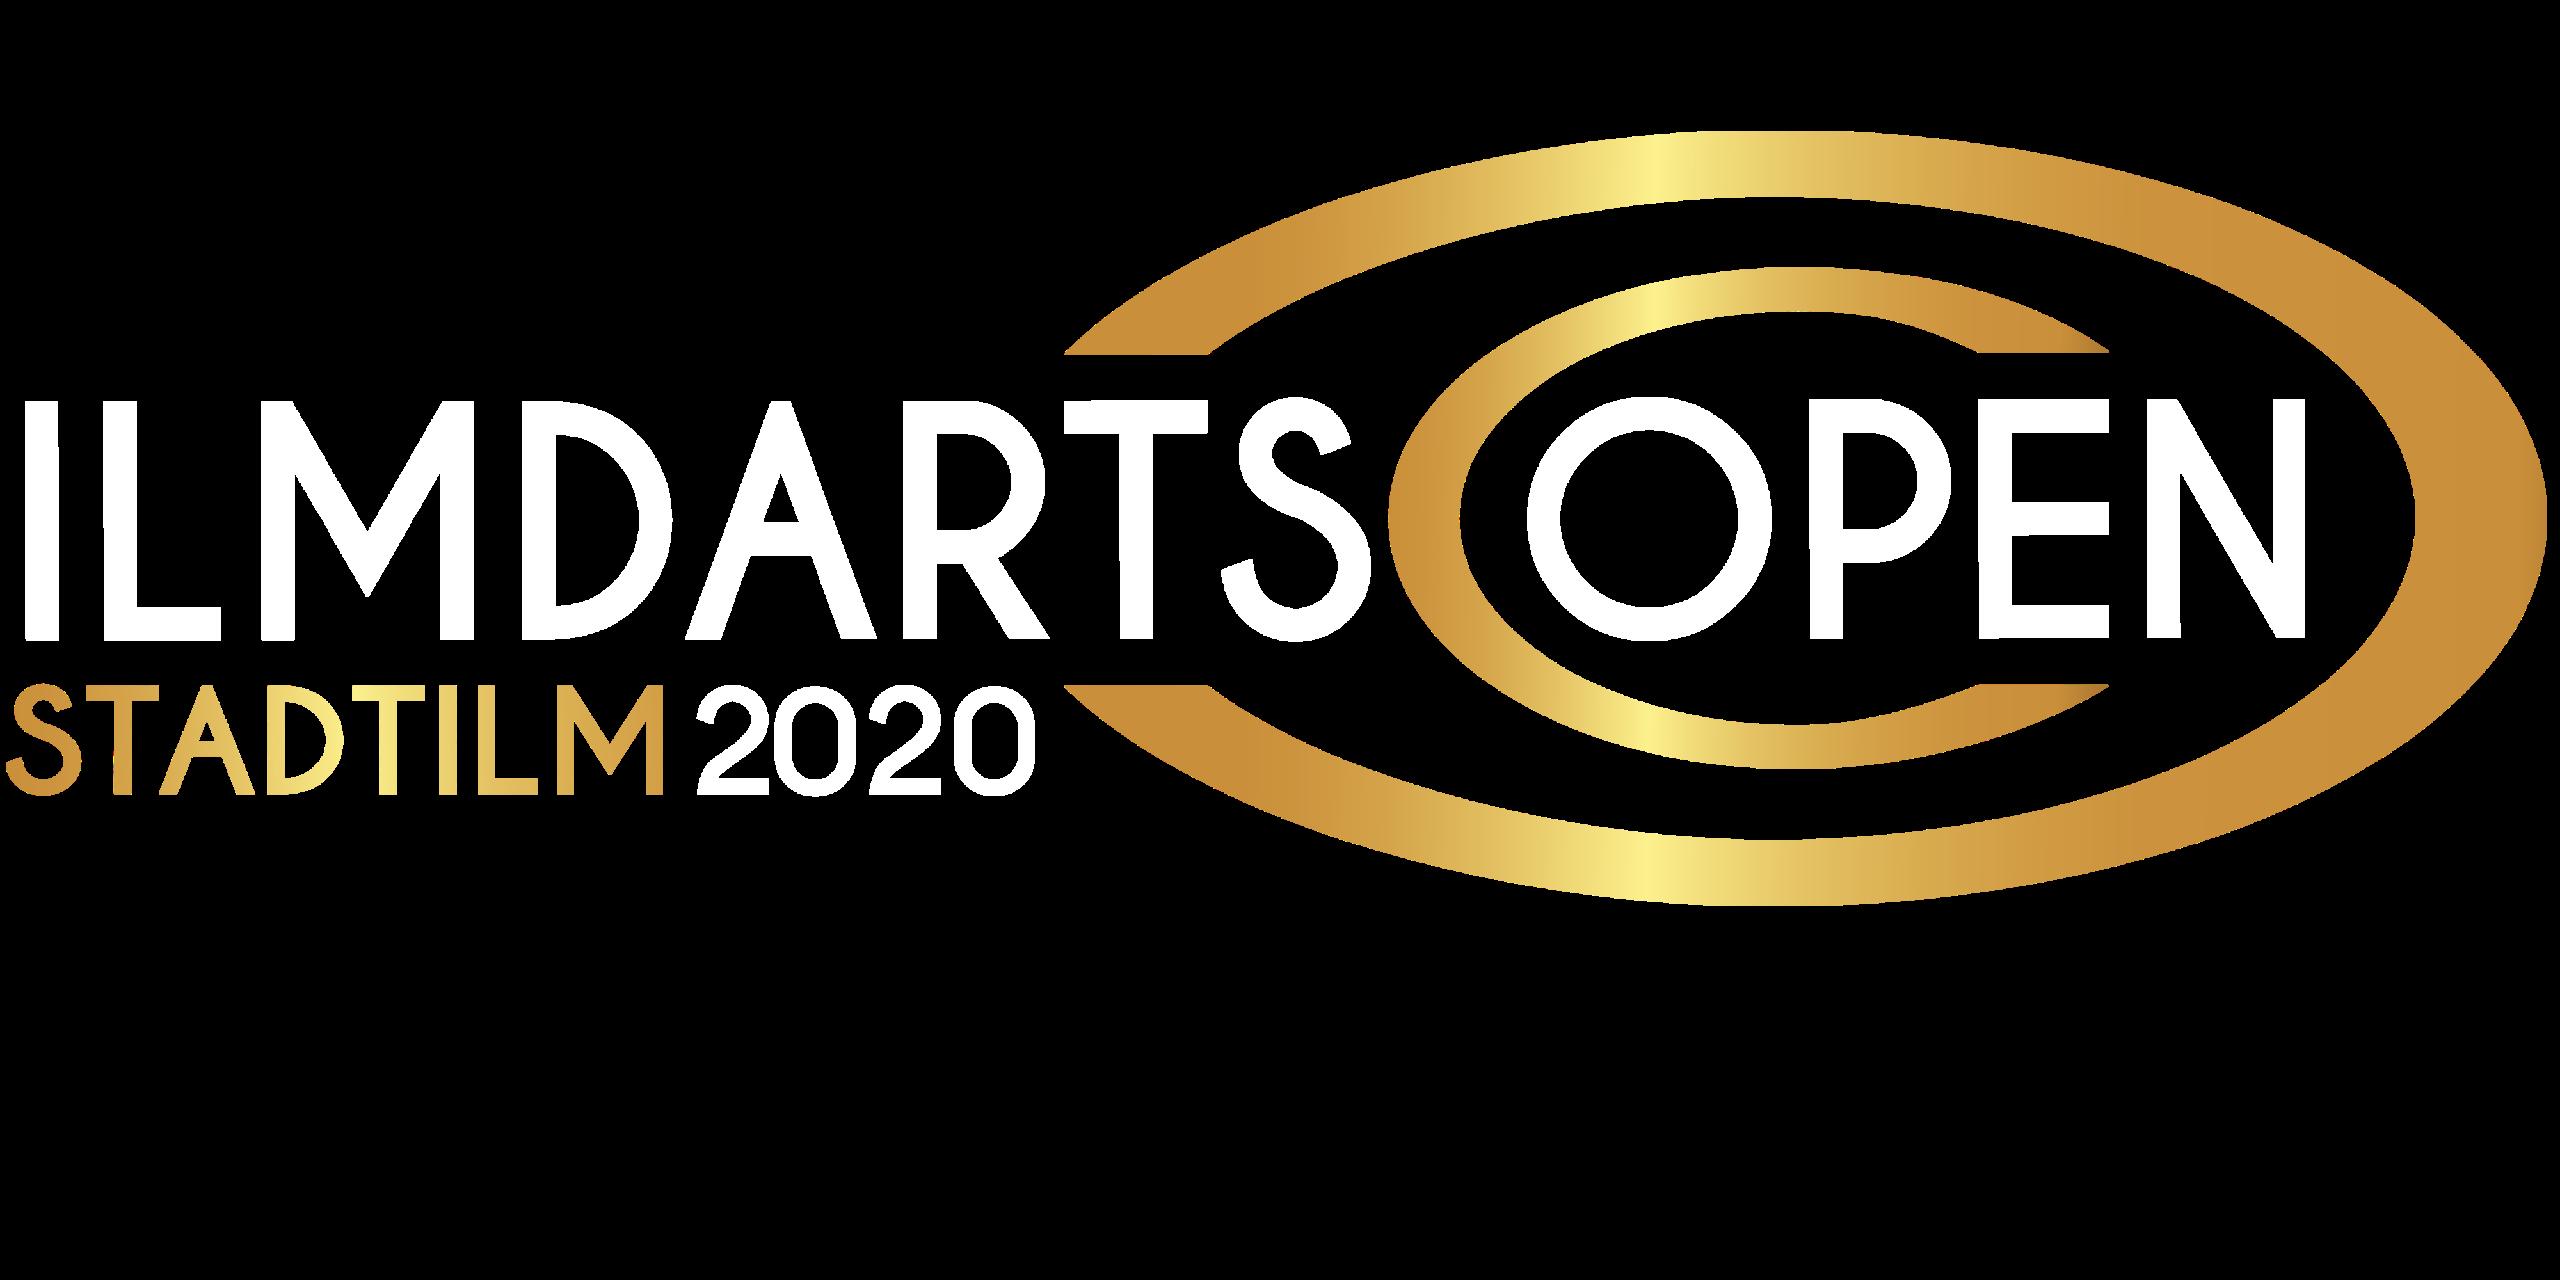 ILMDARTS OPEN